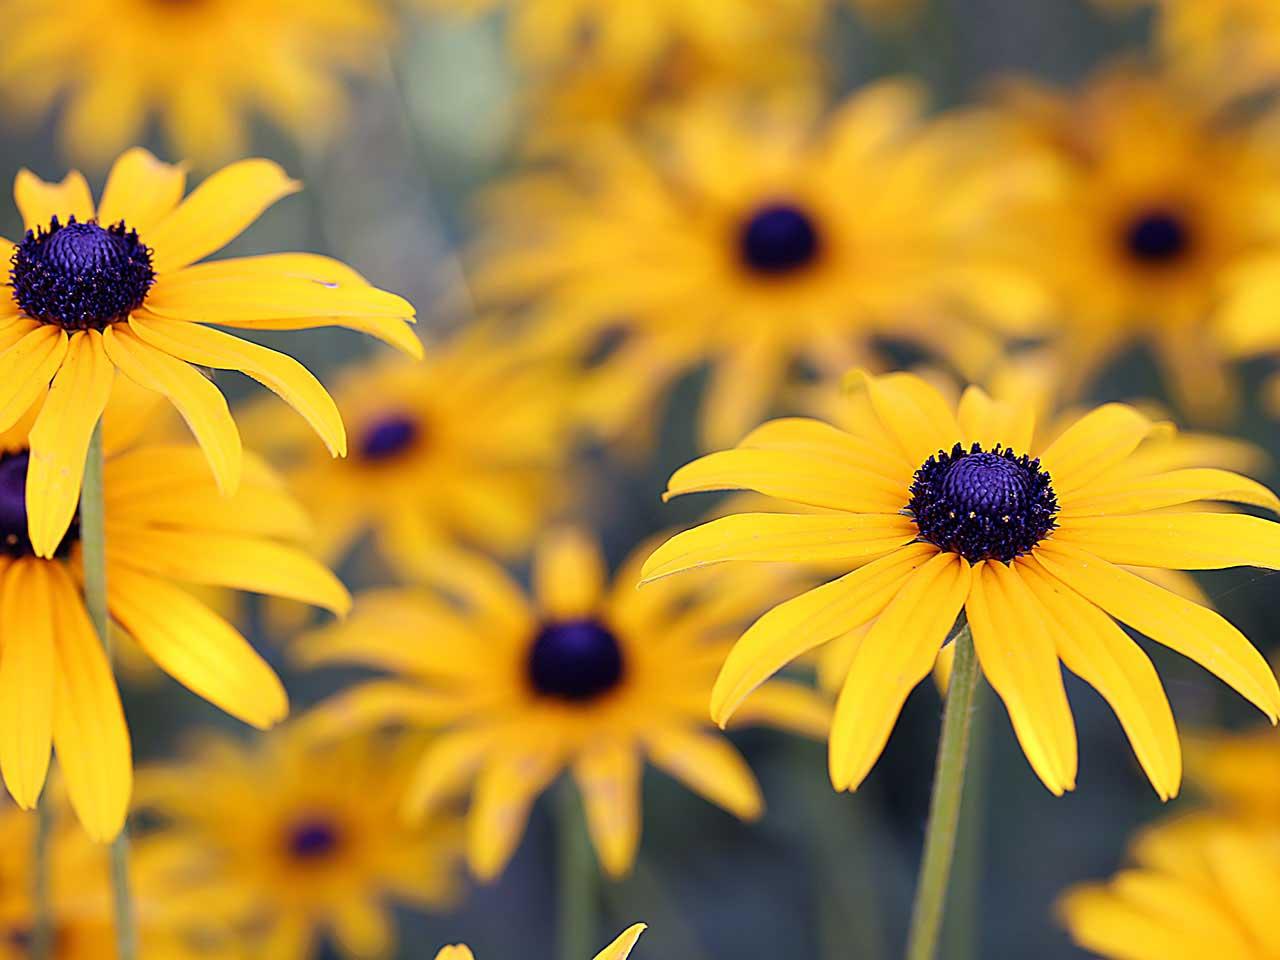 Garden in august in a garden - Gold Daisies In The Garden